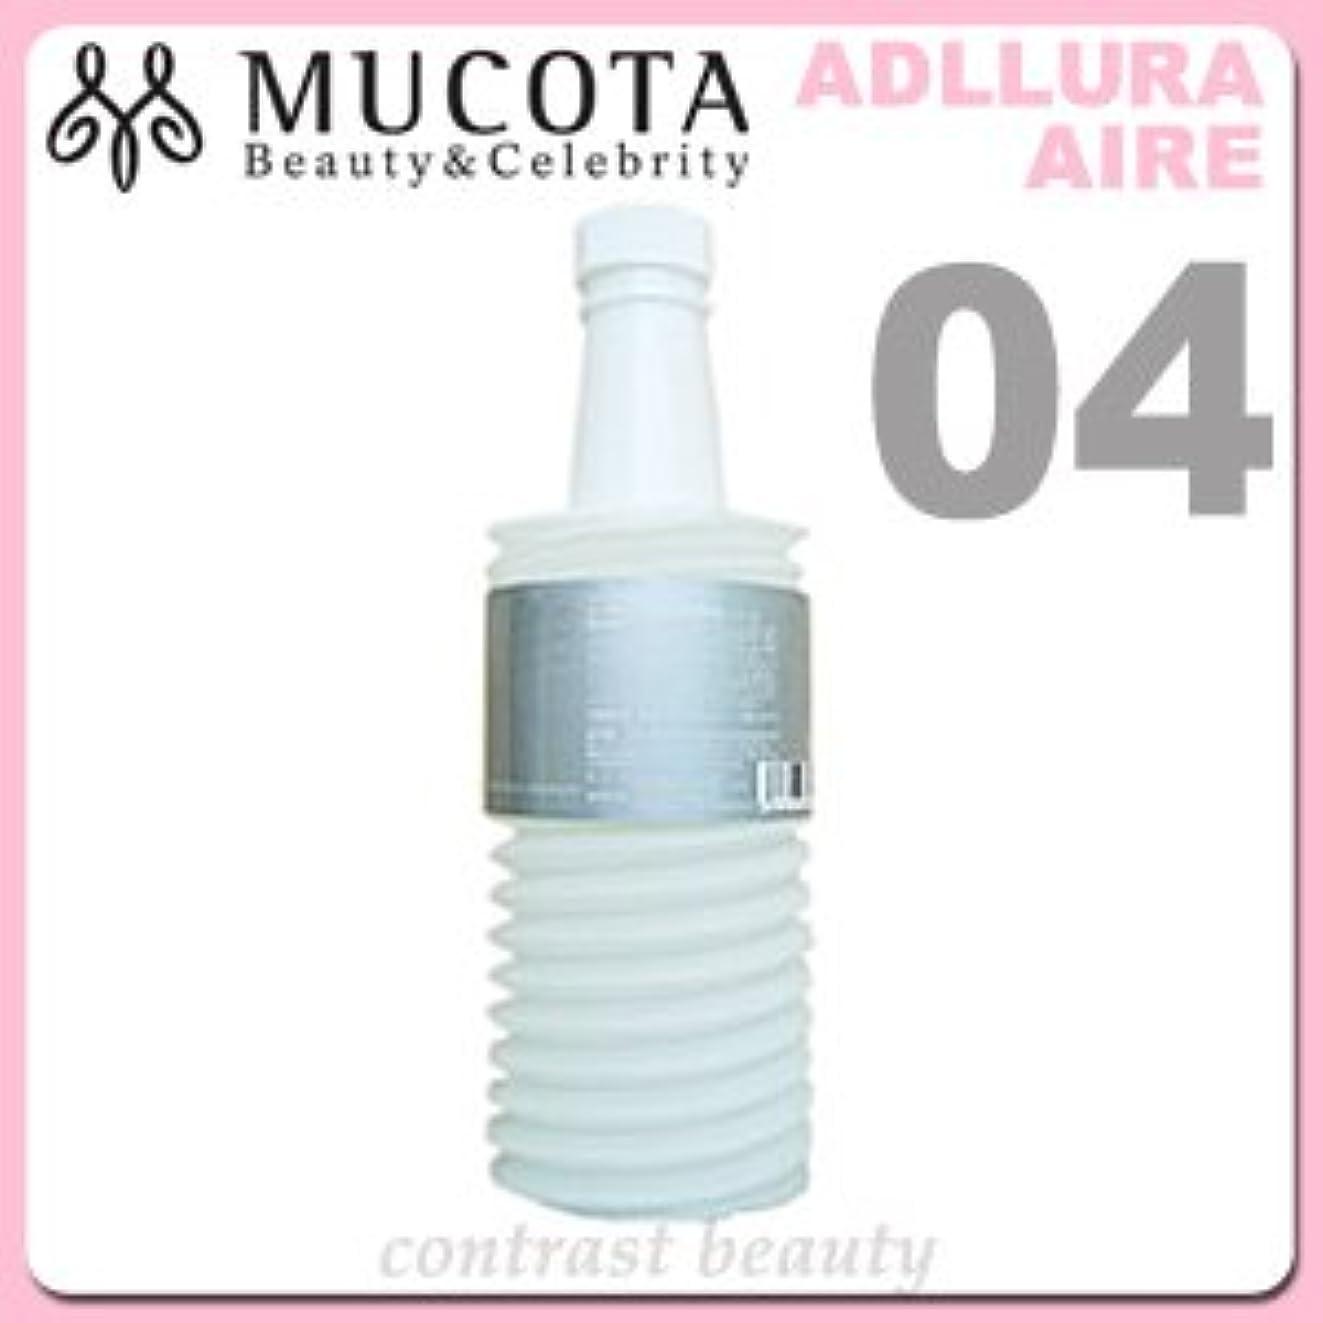 消毒する気晴らしであること【X4個セット】 ムコタ アデューラ アイレ04 ベールマスクトリートメント アクア 700g (レフィル)